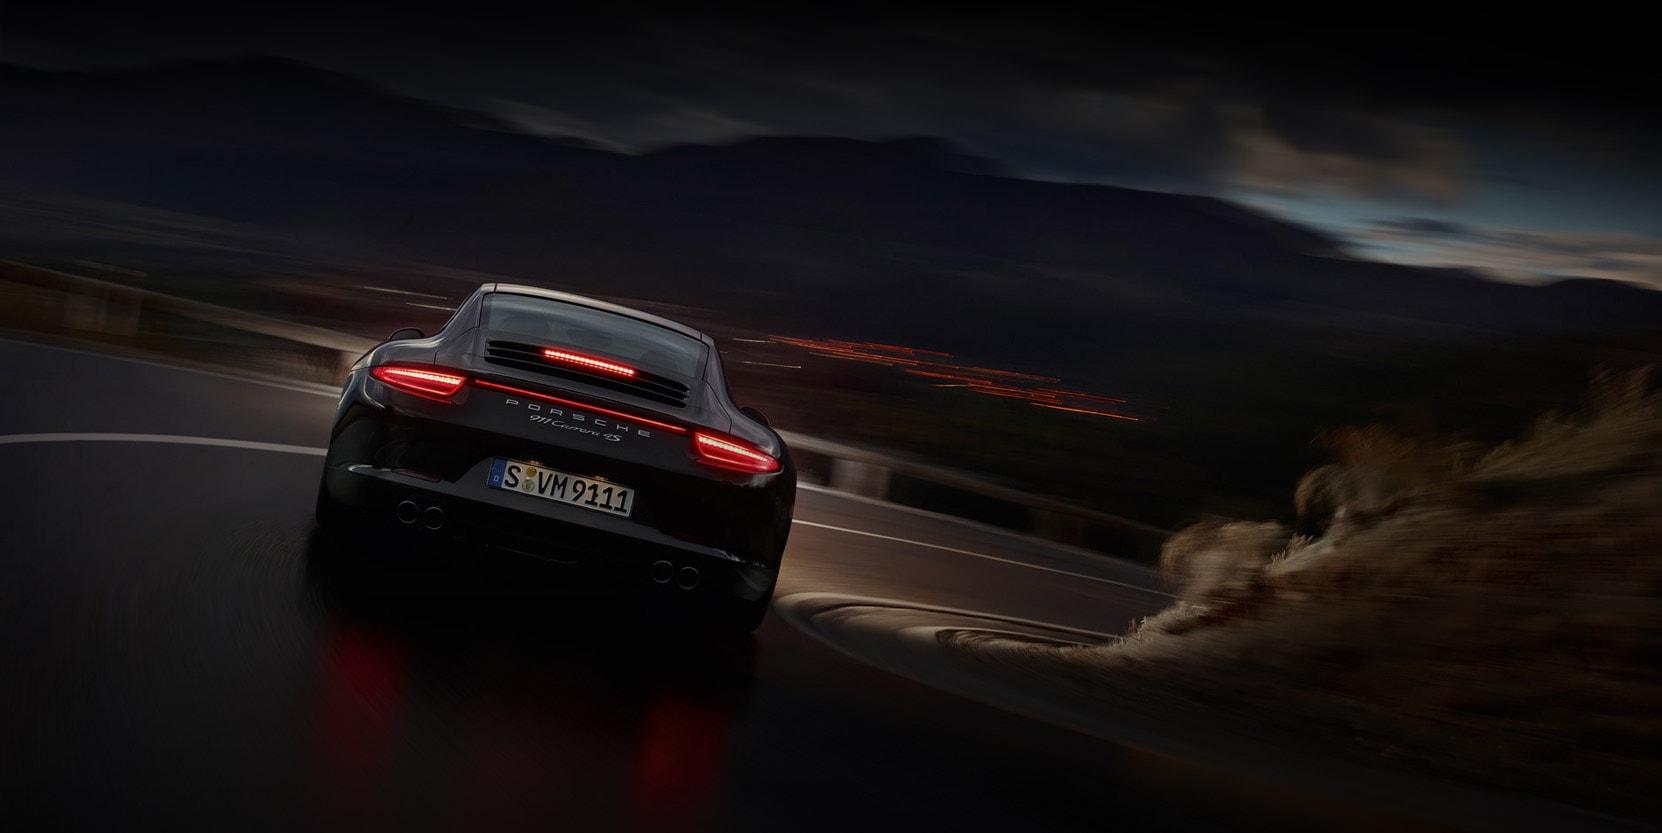 Porsche 911 2018 model